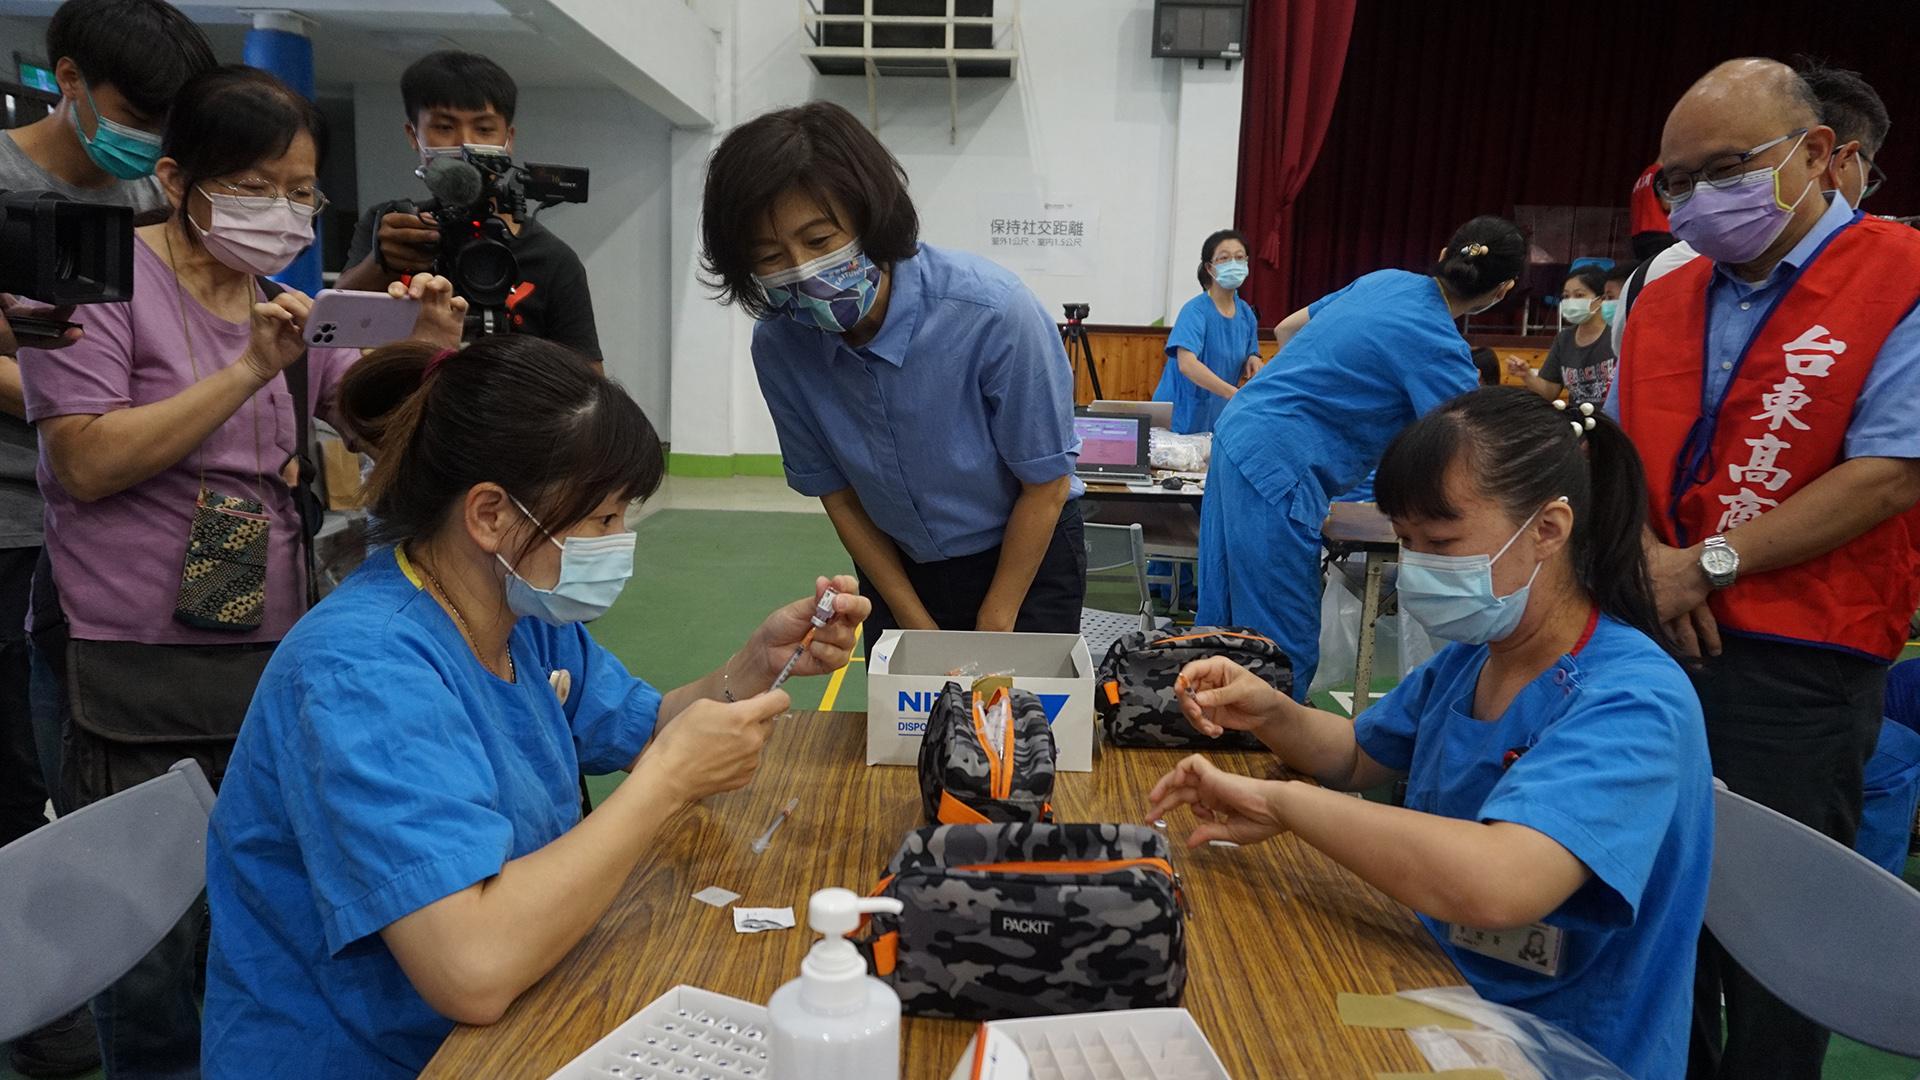 臺東縣長饒慶鈴並向支援的現場醫護人員表達感謝。